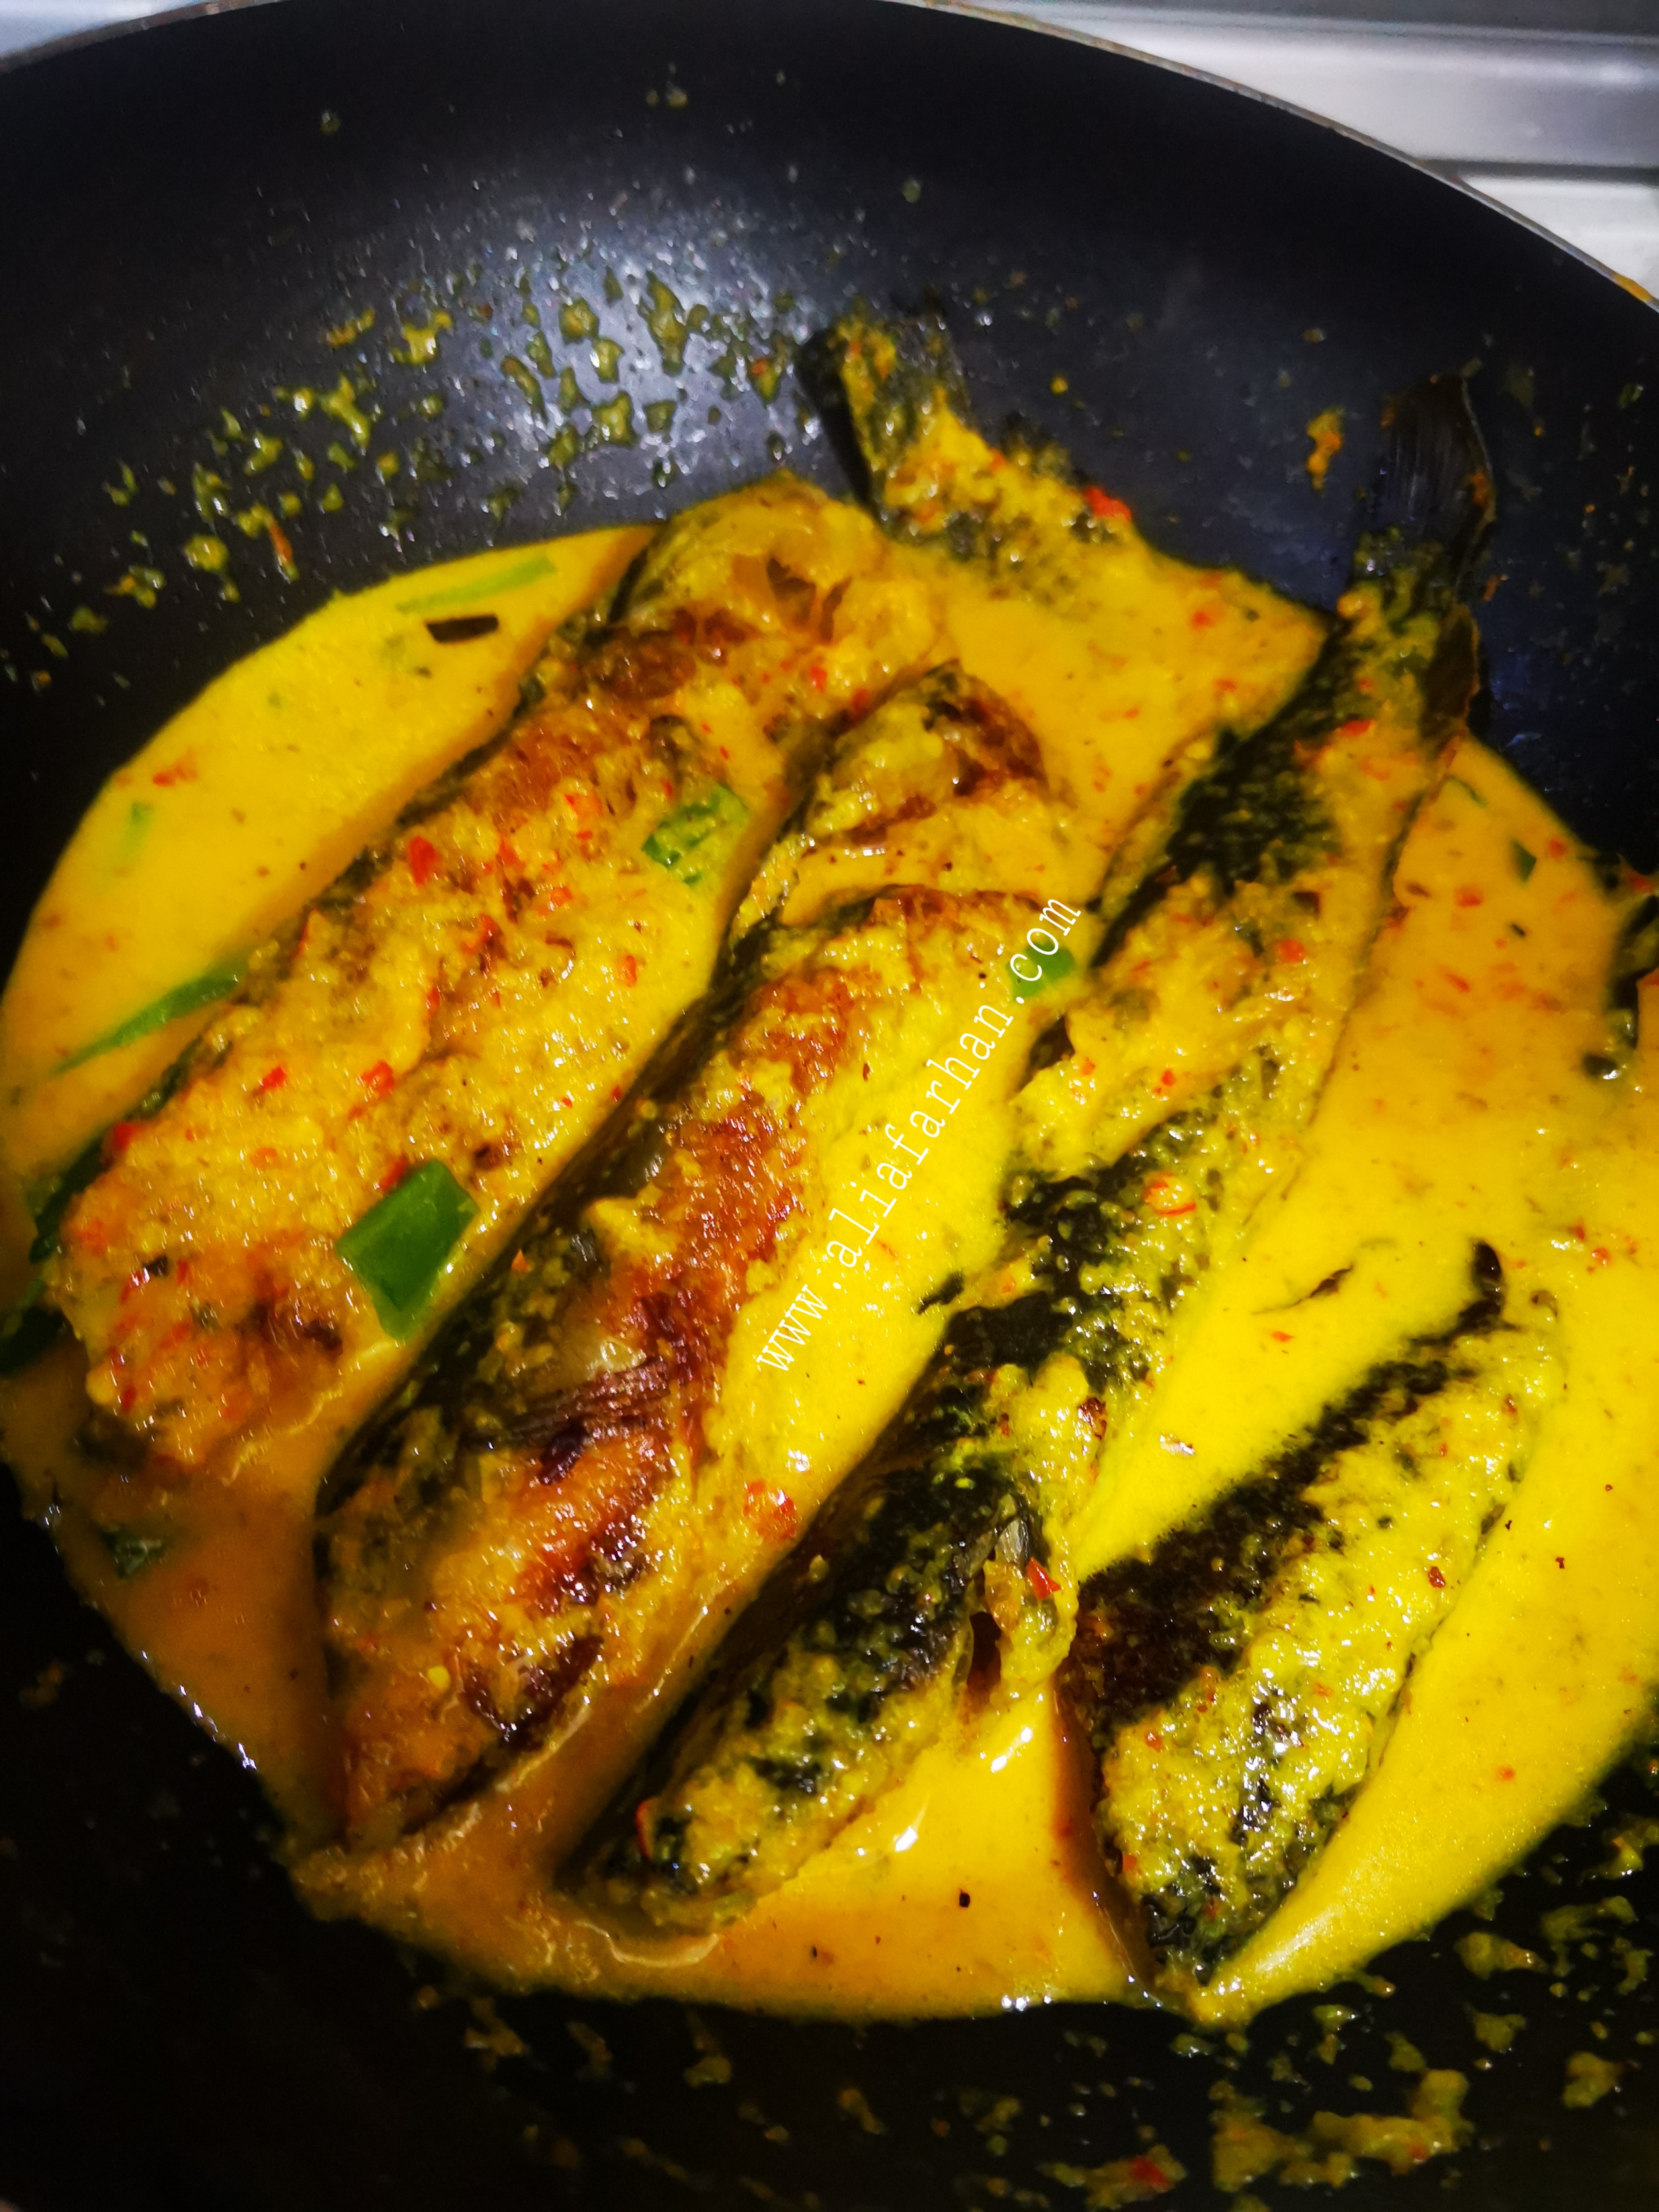 ikan keli salai masak lemak cekur tempat fiza simpan resepi ikan keli masak lemak cekur ikan Resepi Goreng Pisang Terengganu Enak dan Mudah